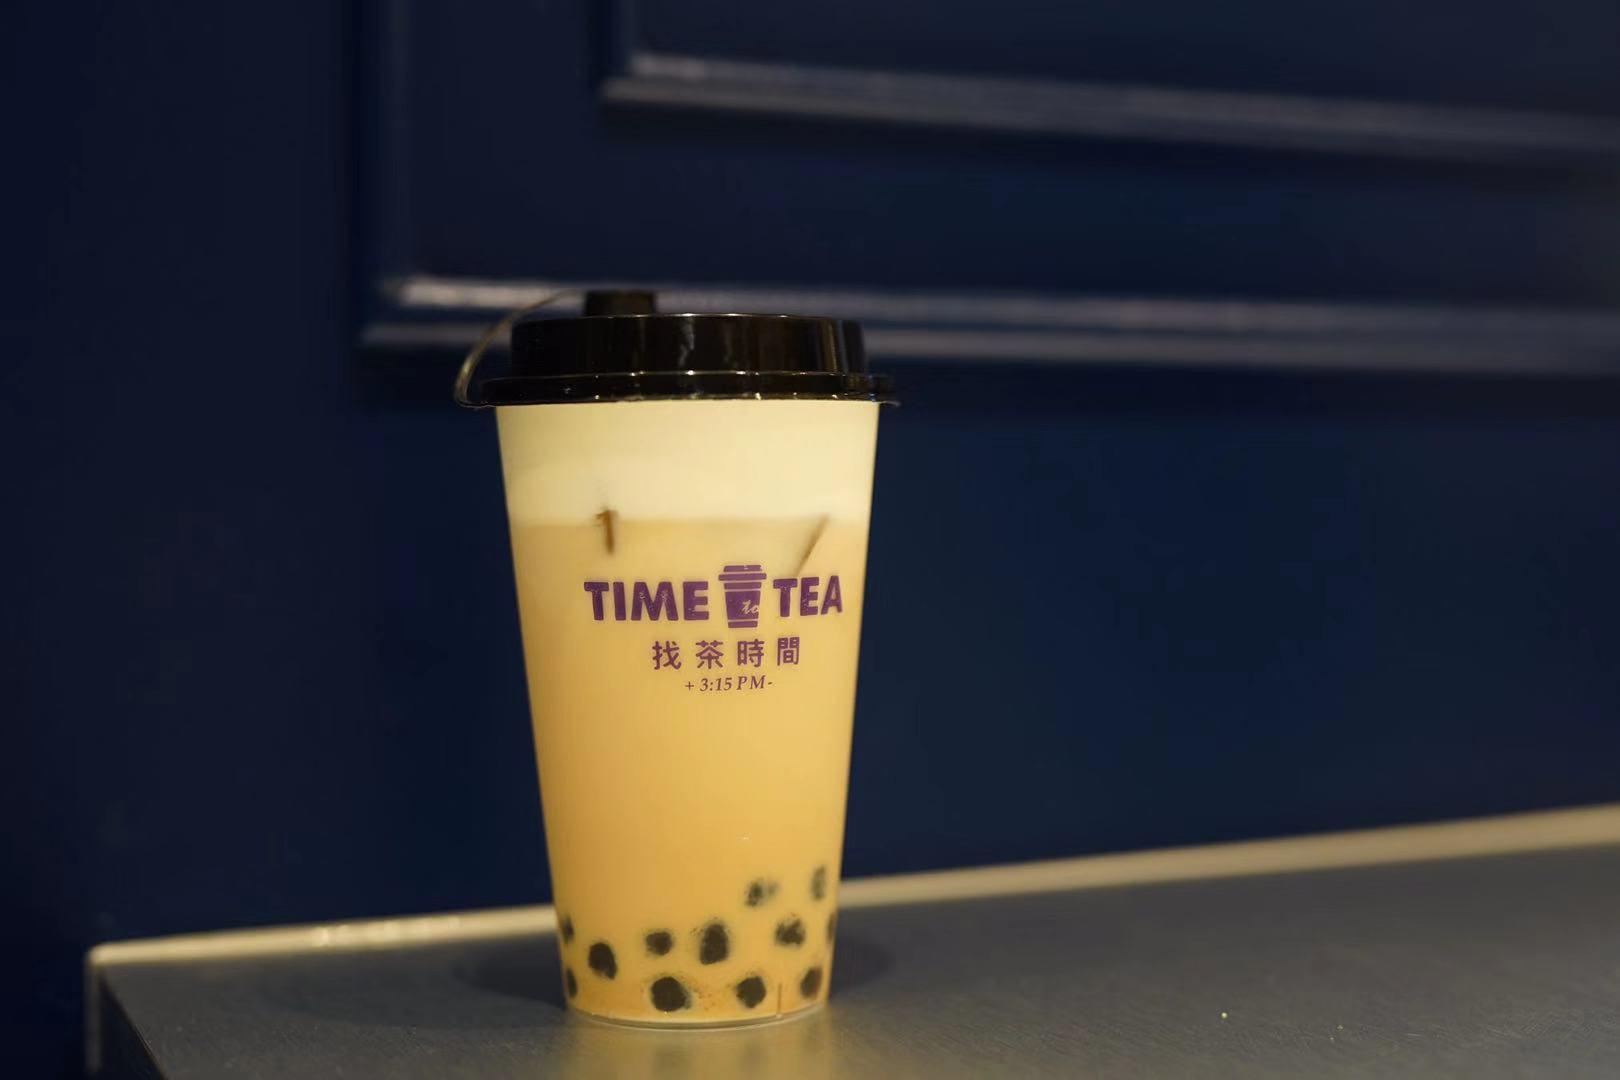 大須で人気のドリンクスタンド「TIME TO TEA」の2号店が池下駅前に登場! - TTT8